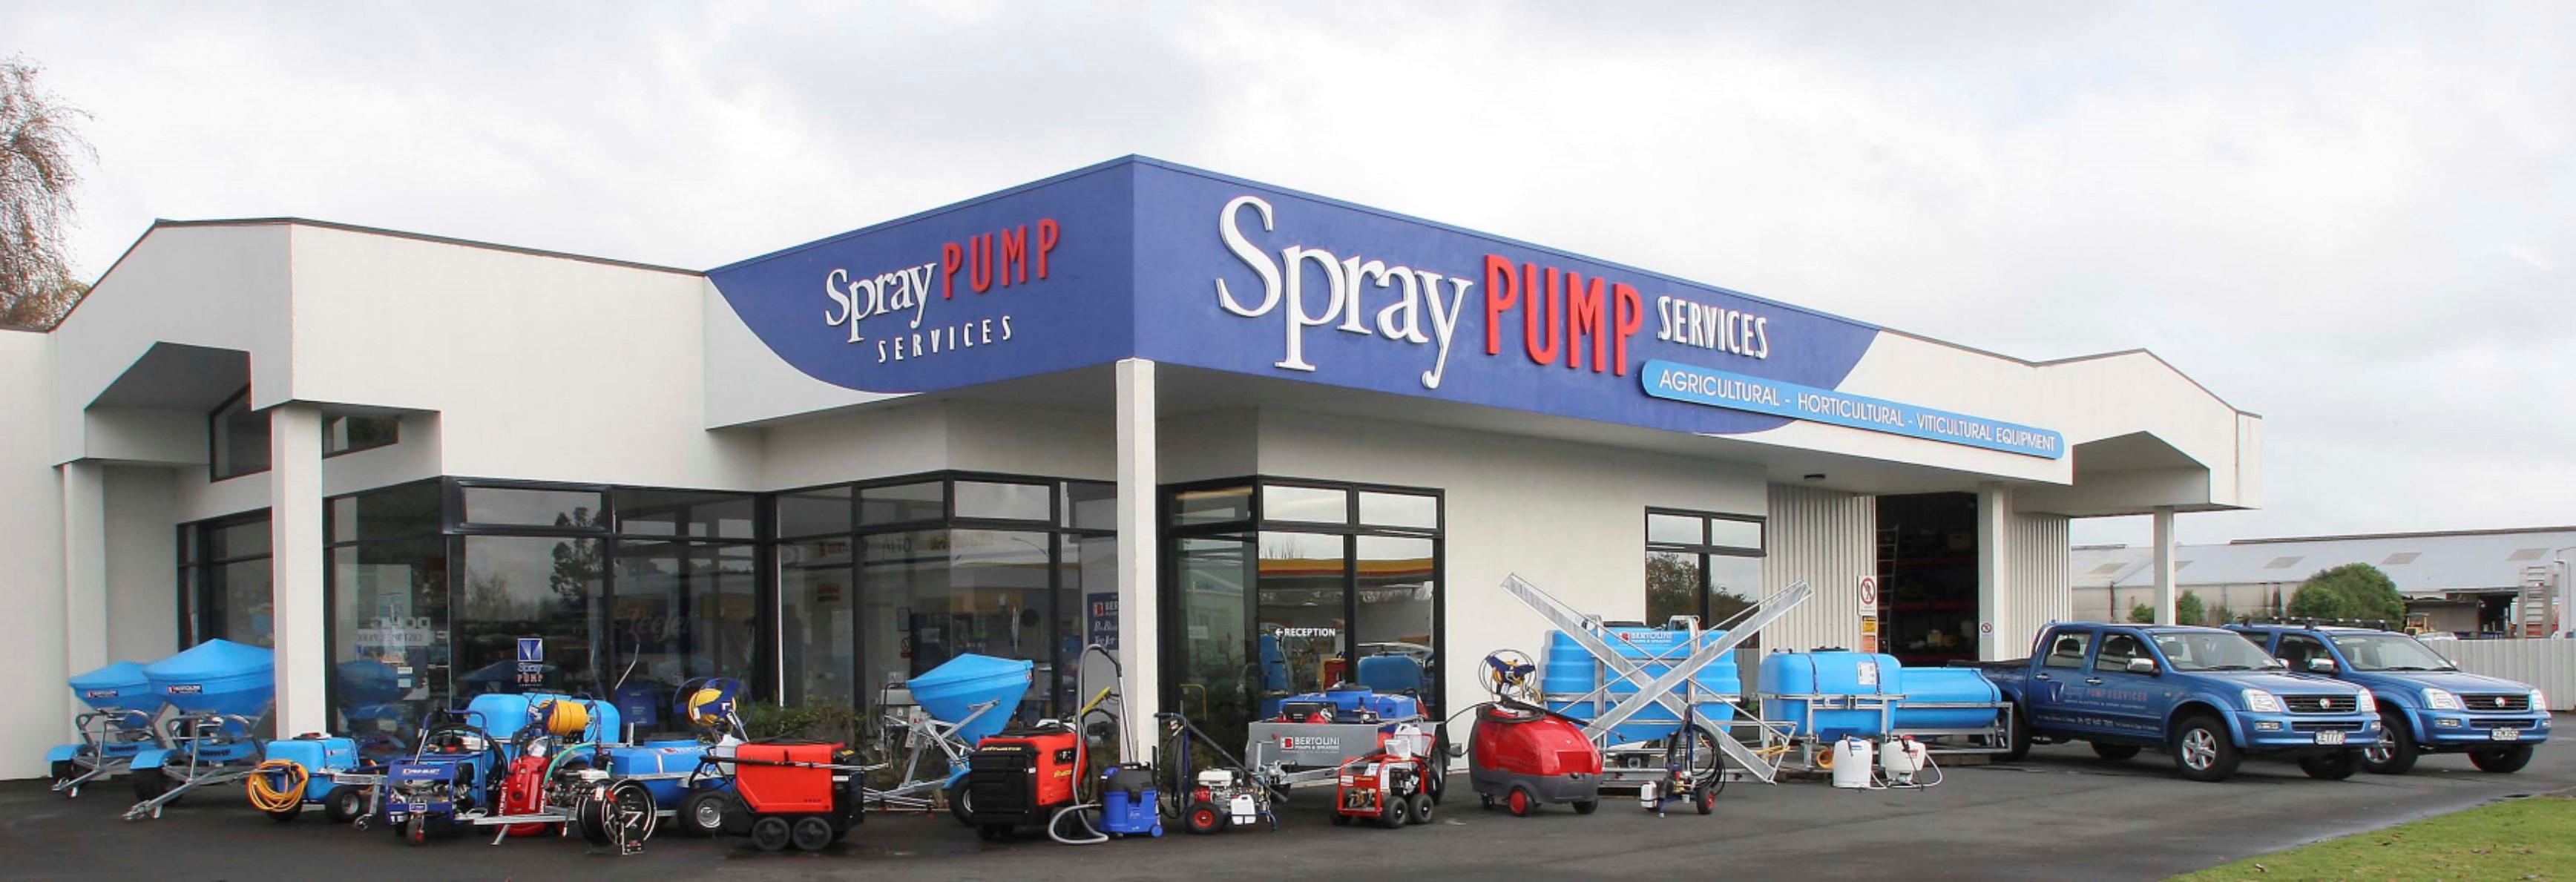 Spray Pump Services Building